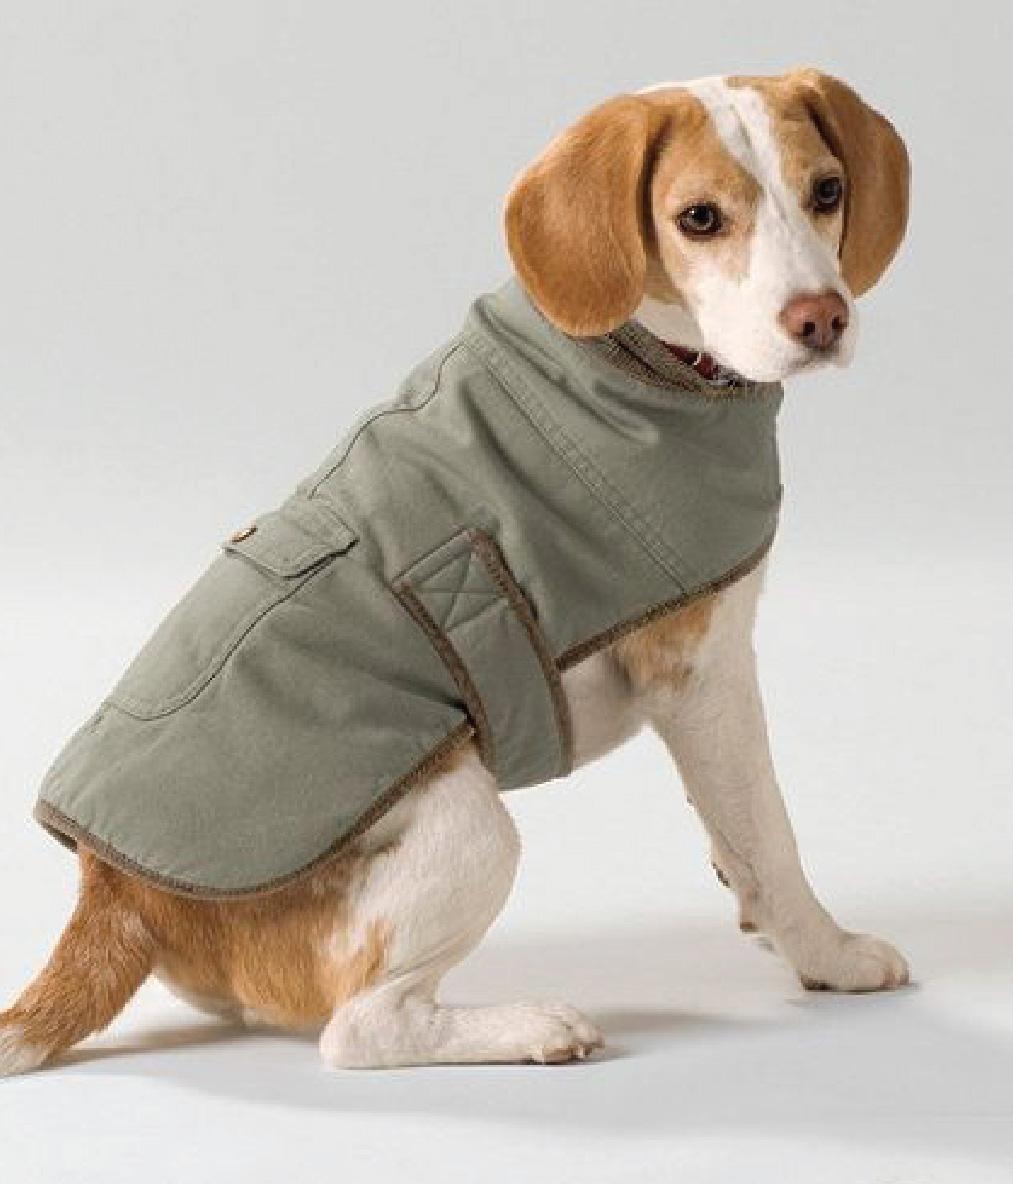 LL Bean Dog Coat